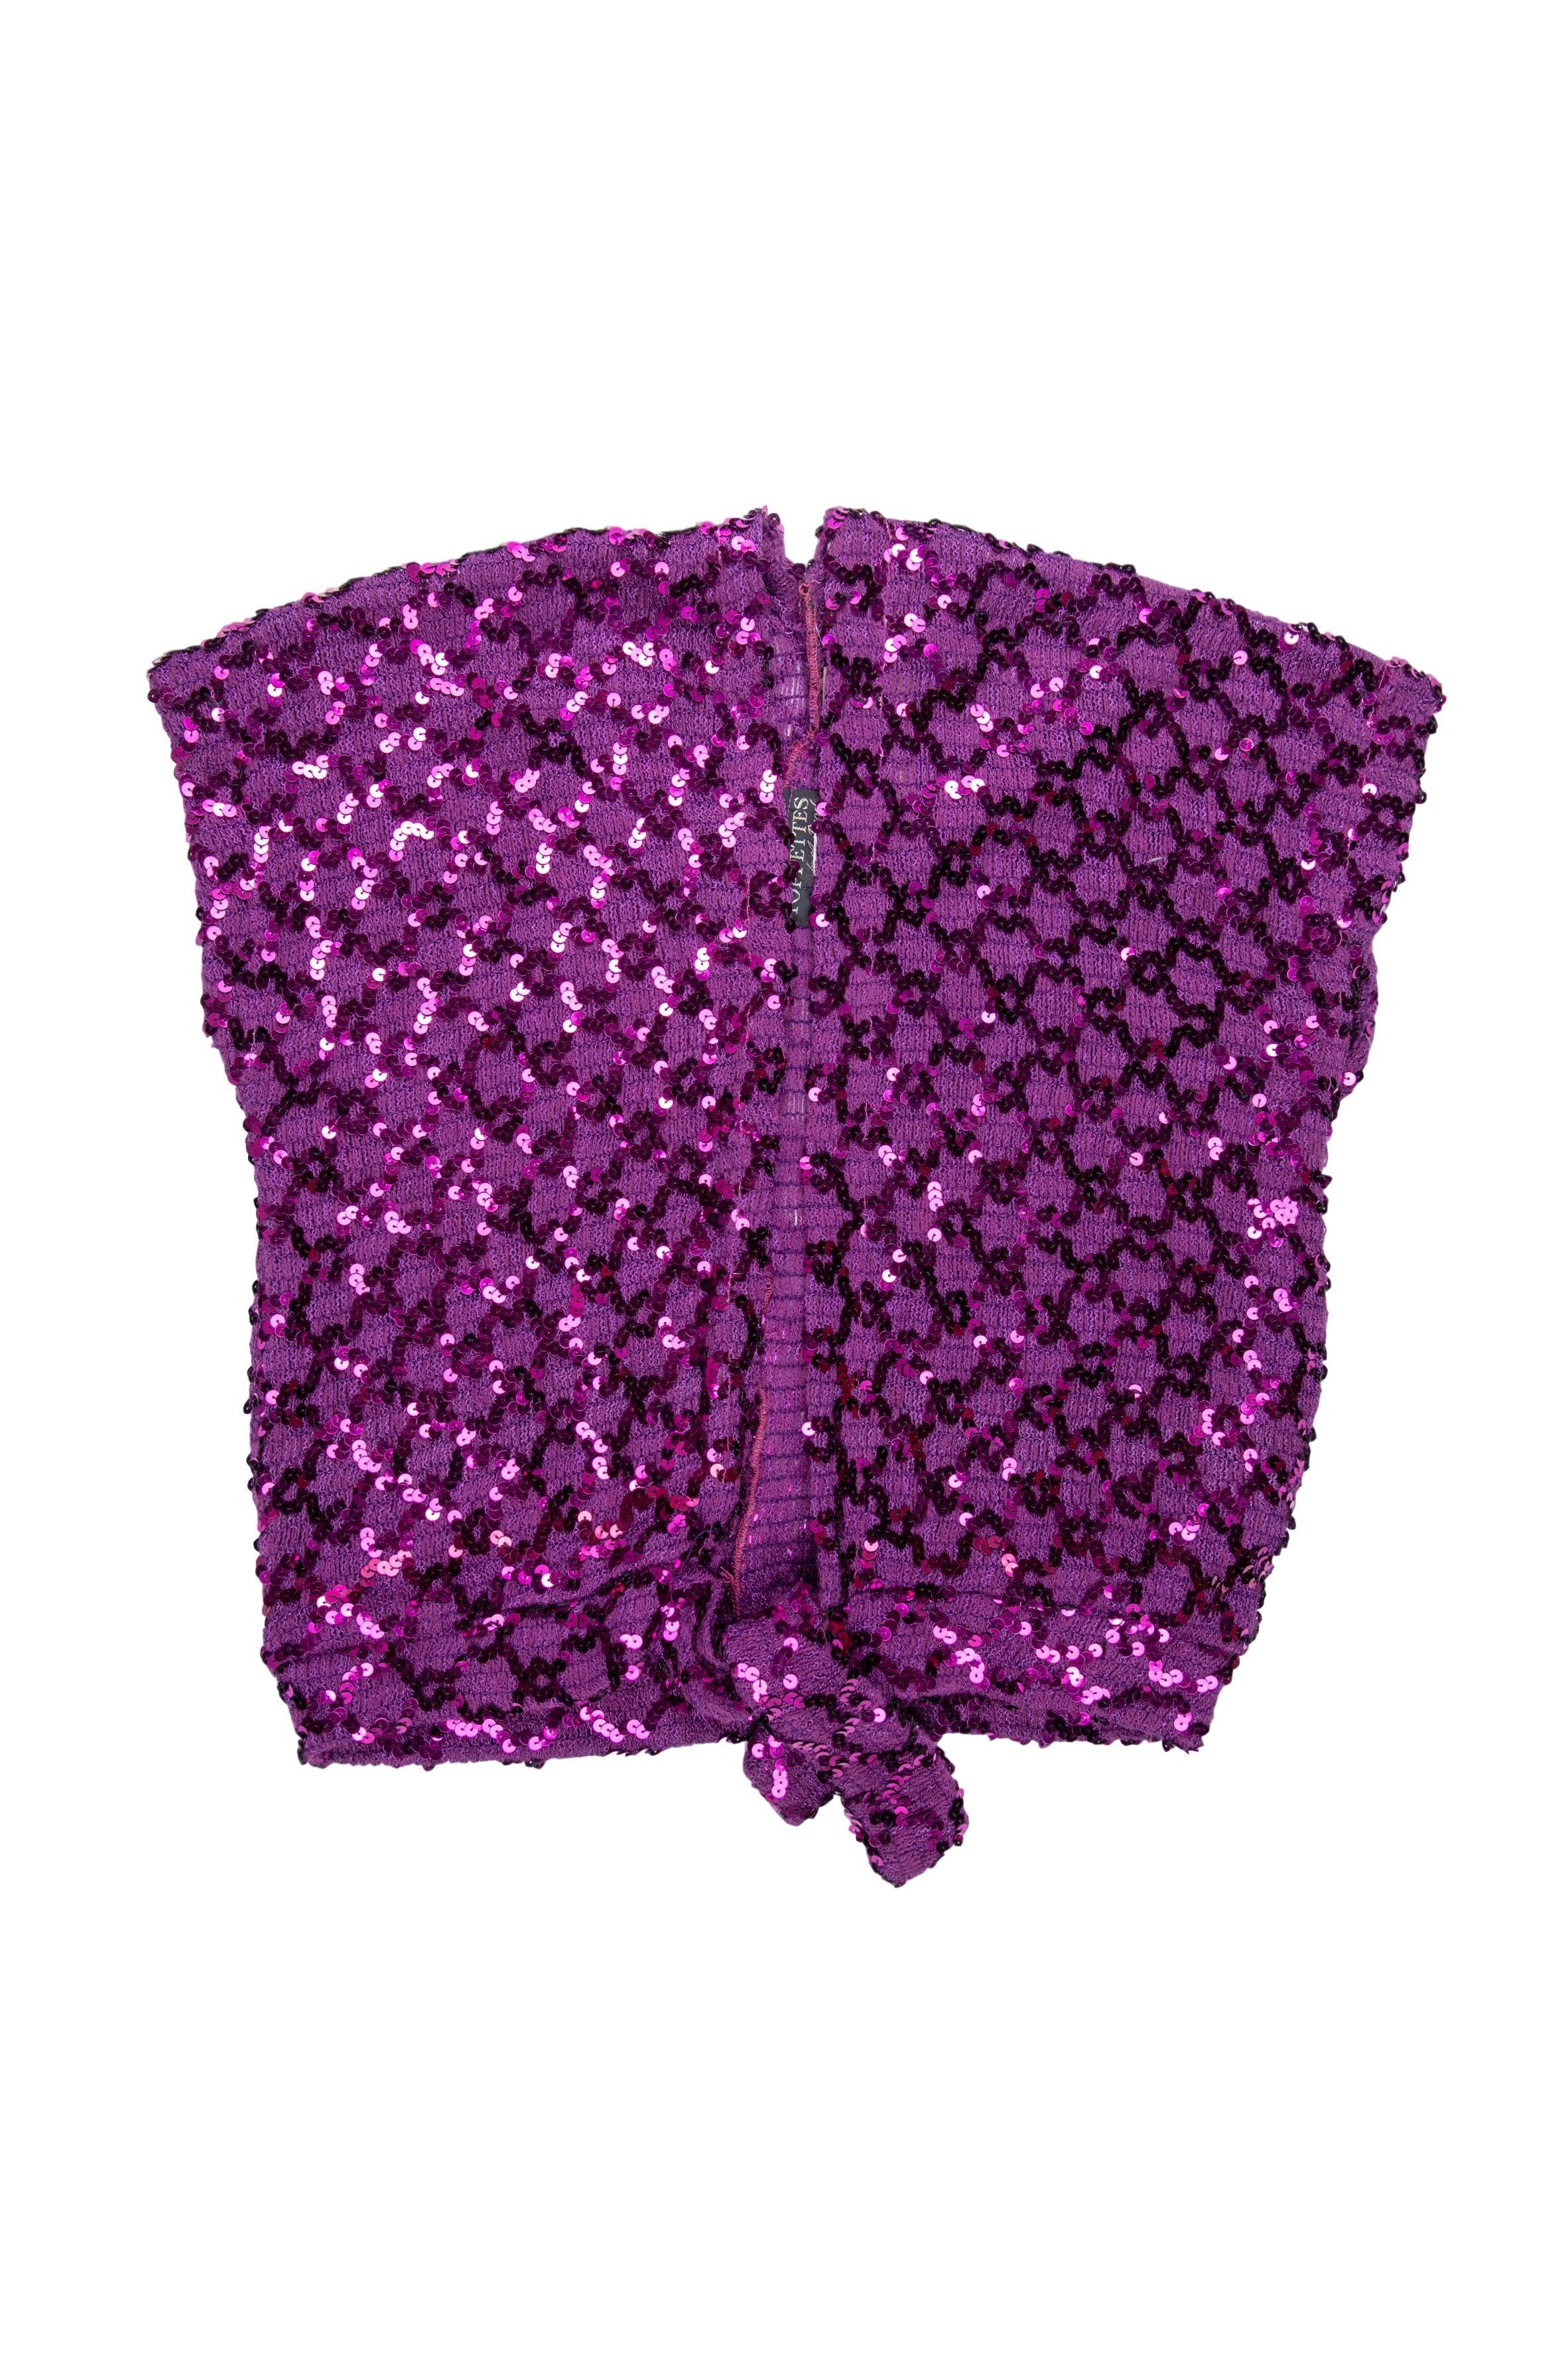 Cardigan vintage tejido morado con lentejuelas, se amarra a la cintura. Una pieza! Talla M